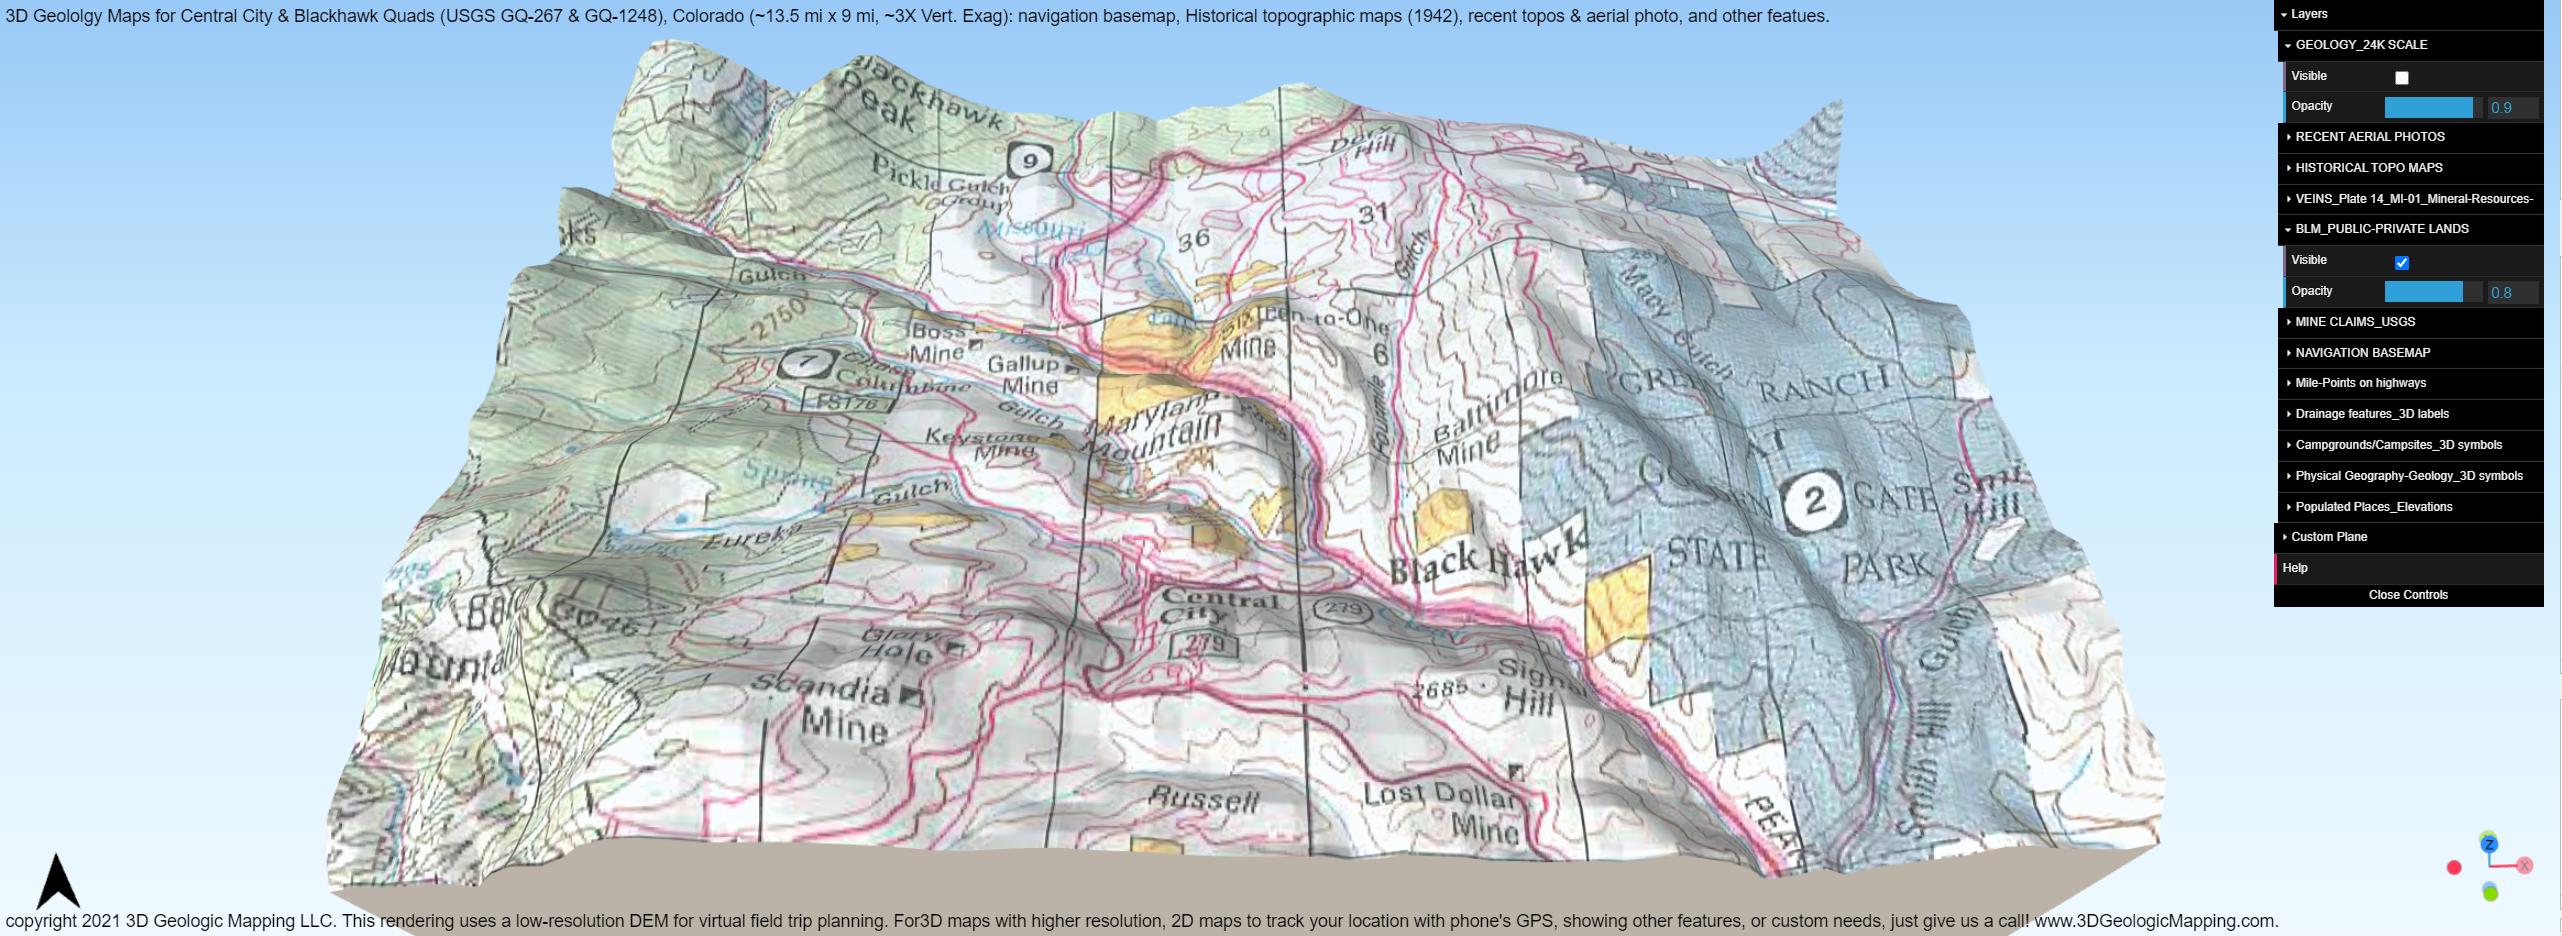 Land ownership overlay